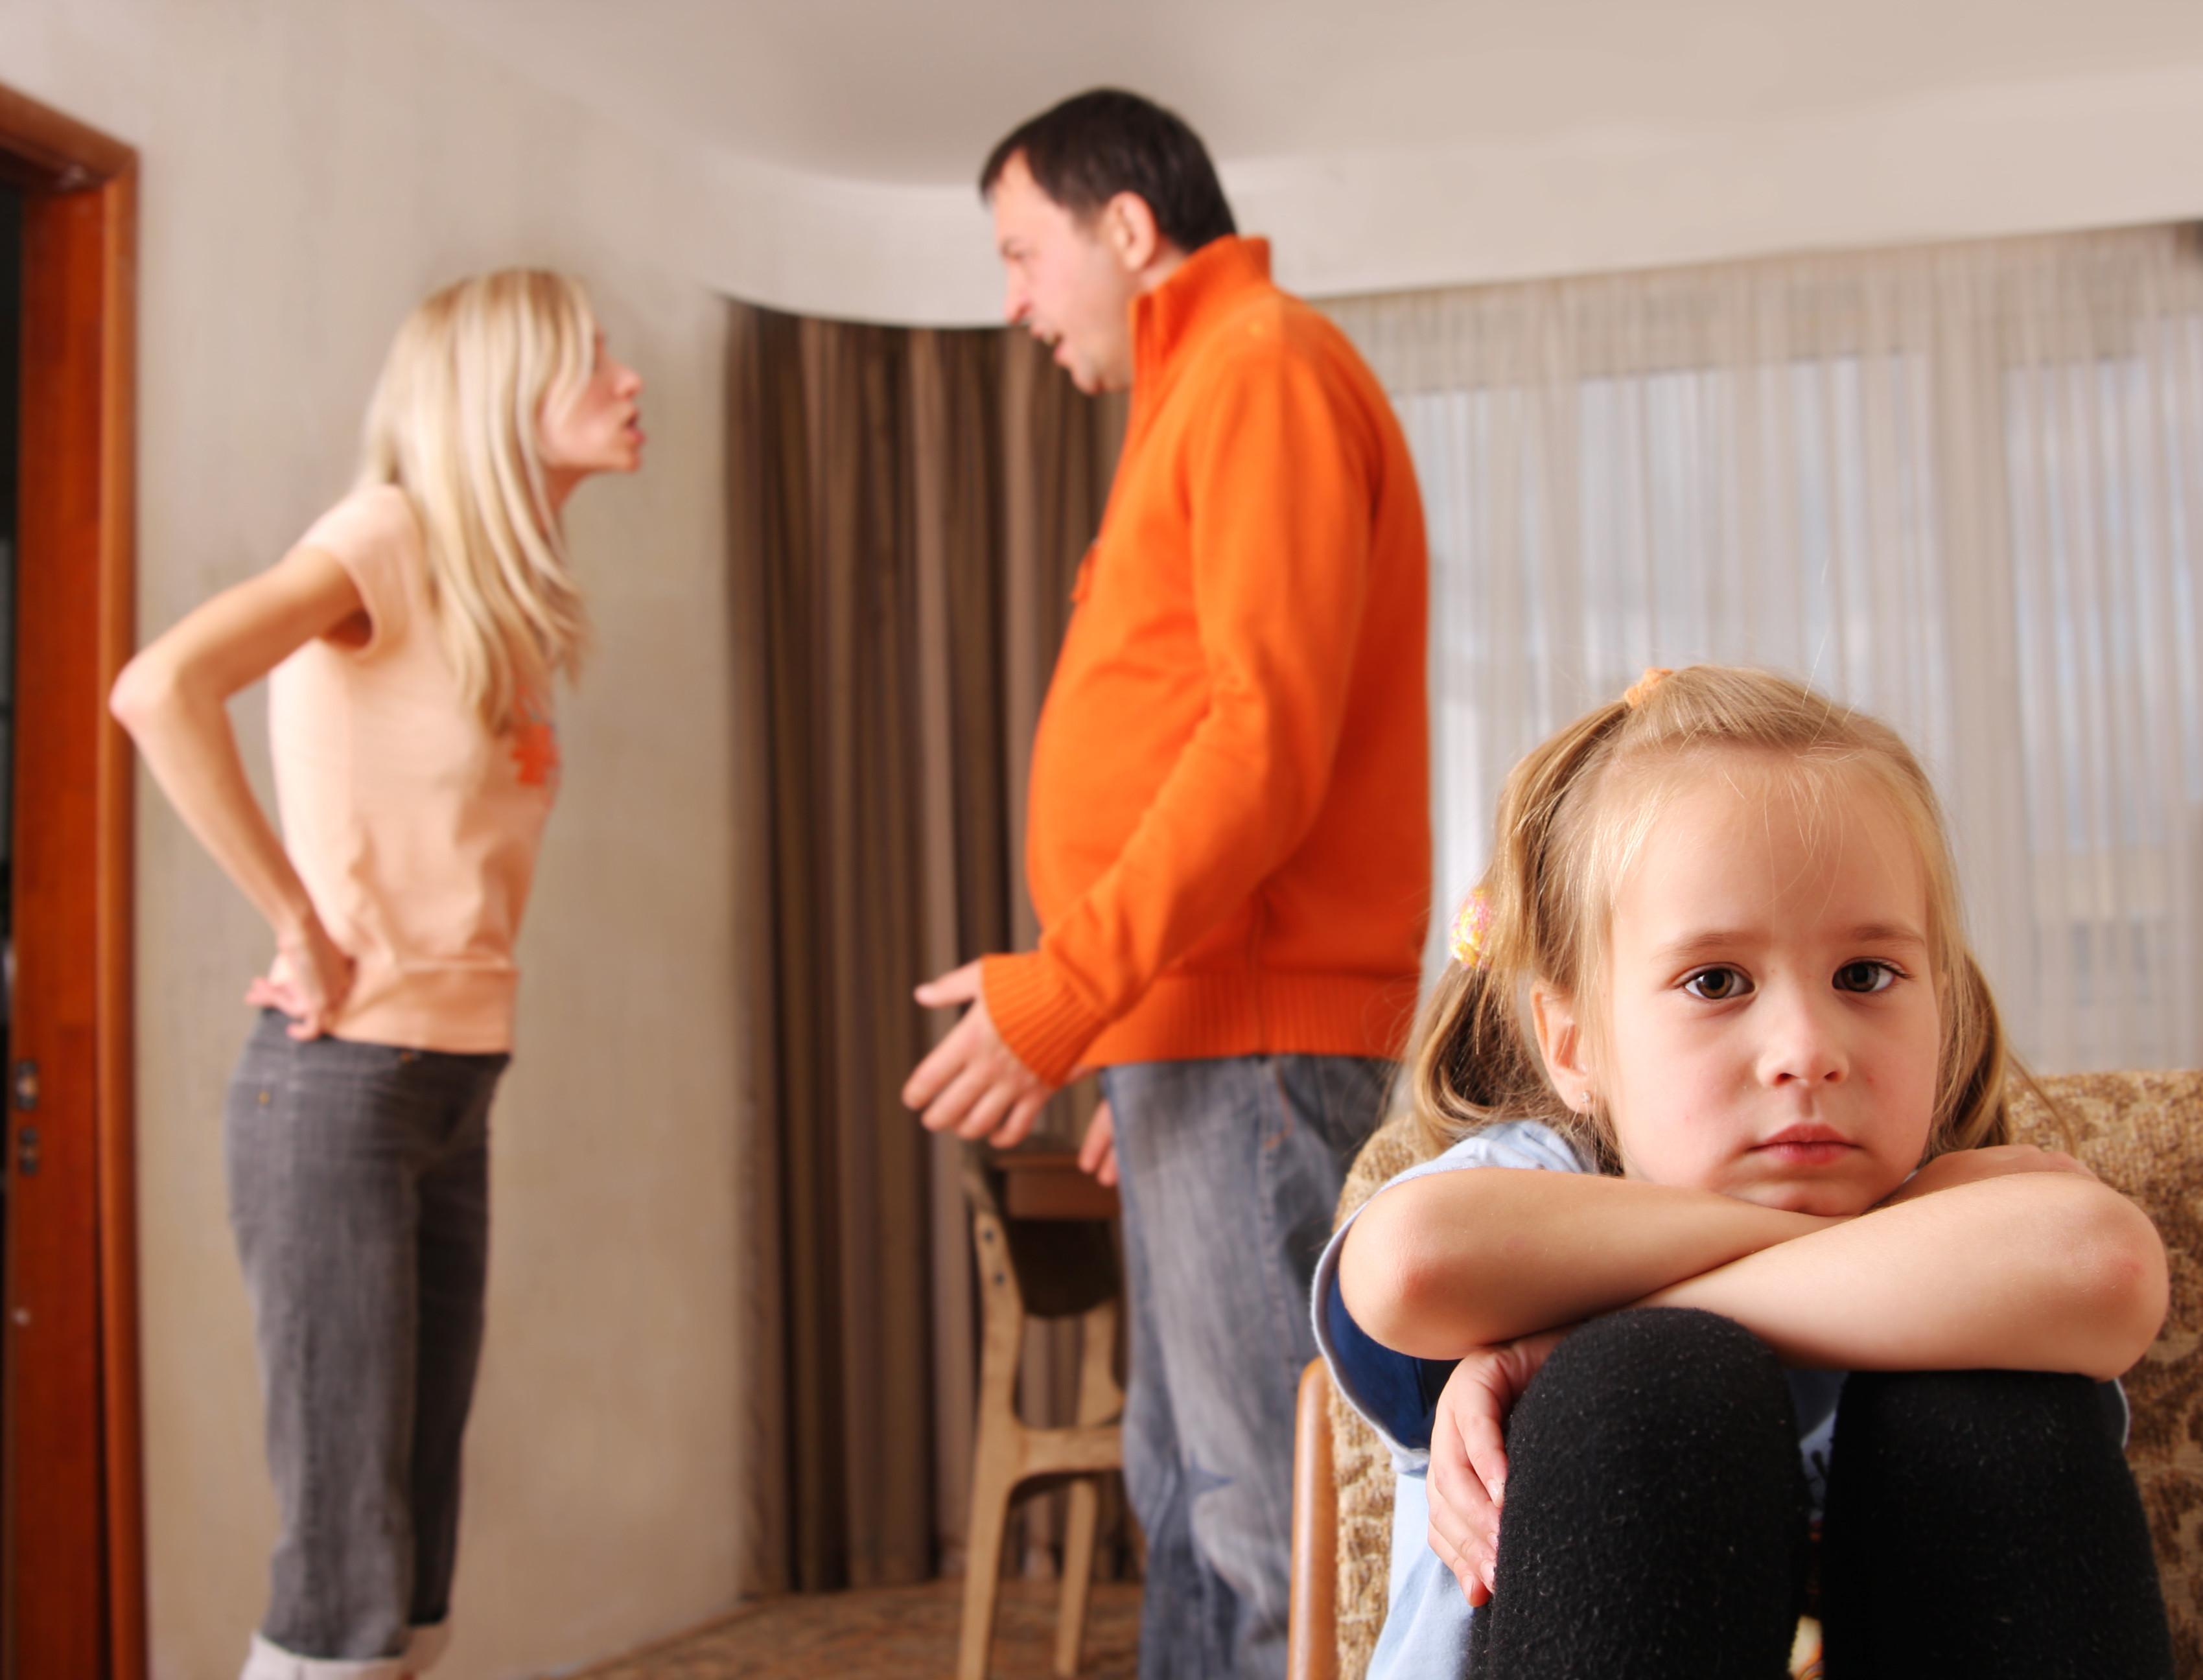 Şiddetli Reddedici Anne Baba Tutumunun Çocuğun Kişilik Gelişimi Üzerinde Kalıcı Etkileri…